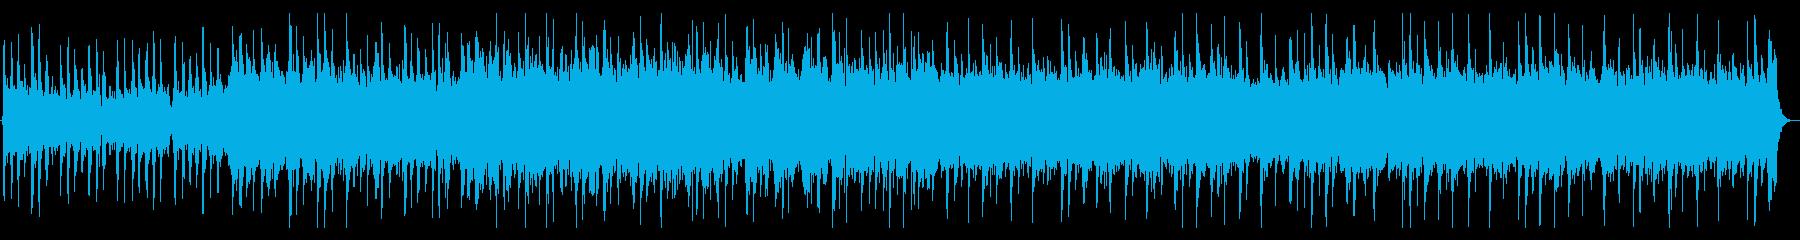 バラエティ/オープニング/入場/ロックの再生済みの波形